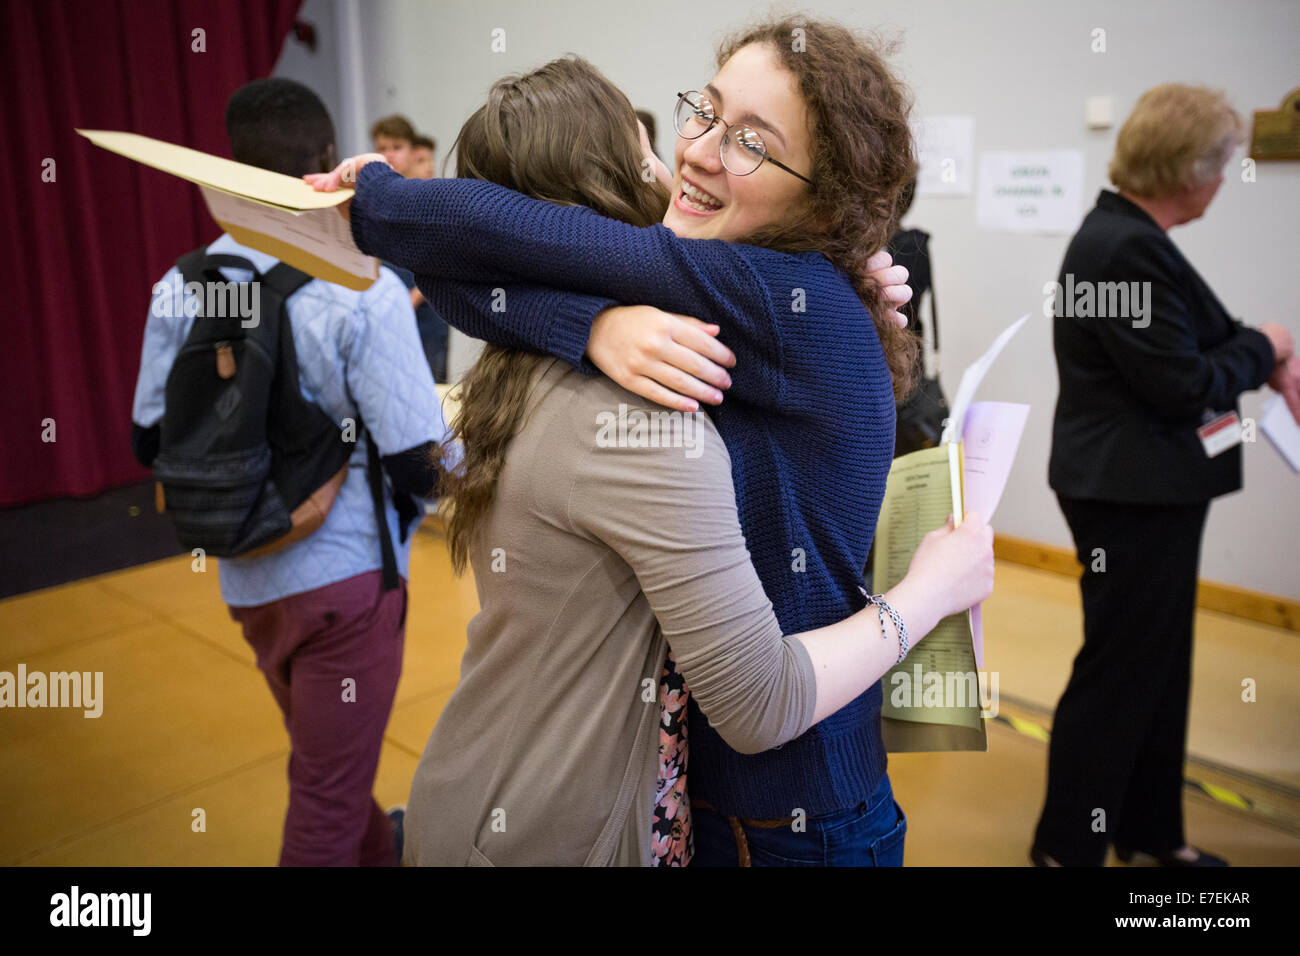 Schülerinnen und Schüler feiern ihre GCSE-Ergebnisse in der Schule Telford, Shropshire, UK Stockbild